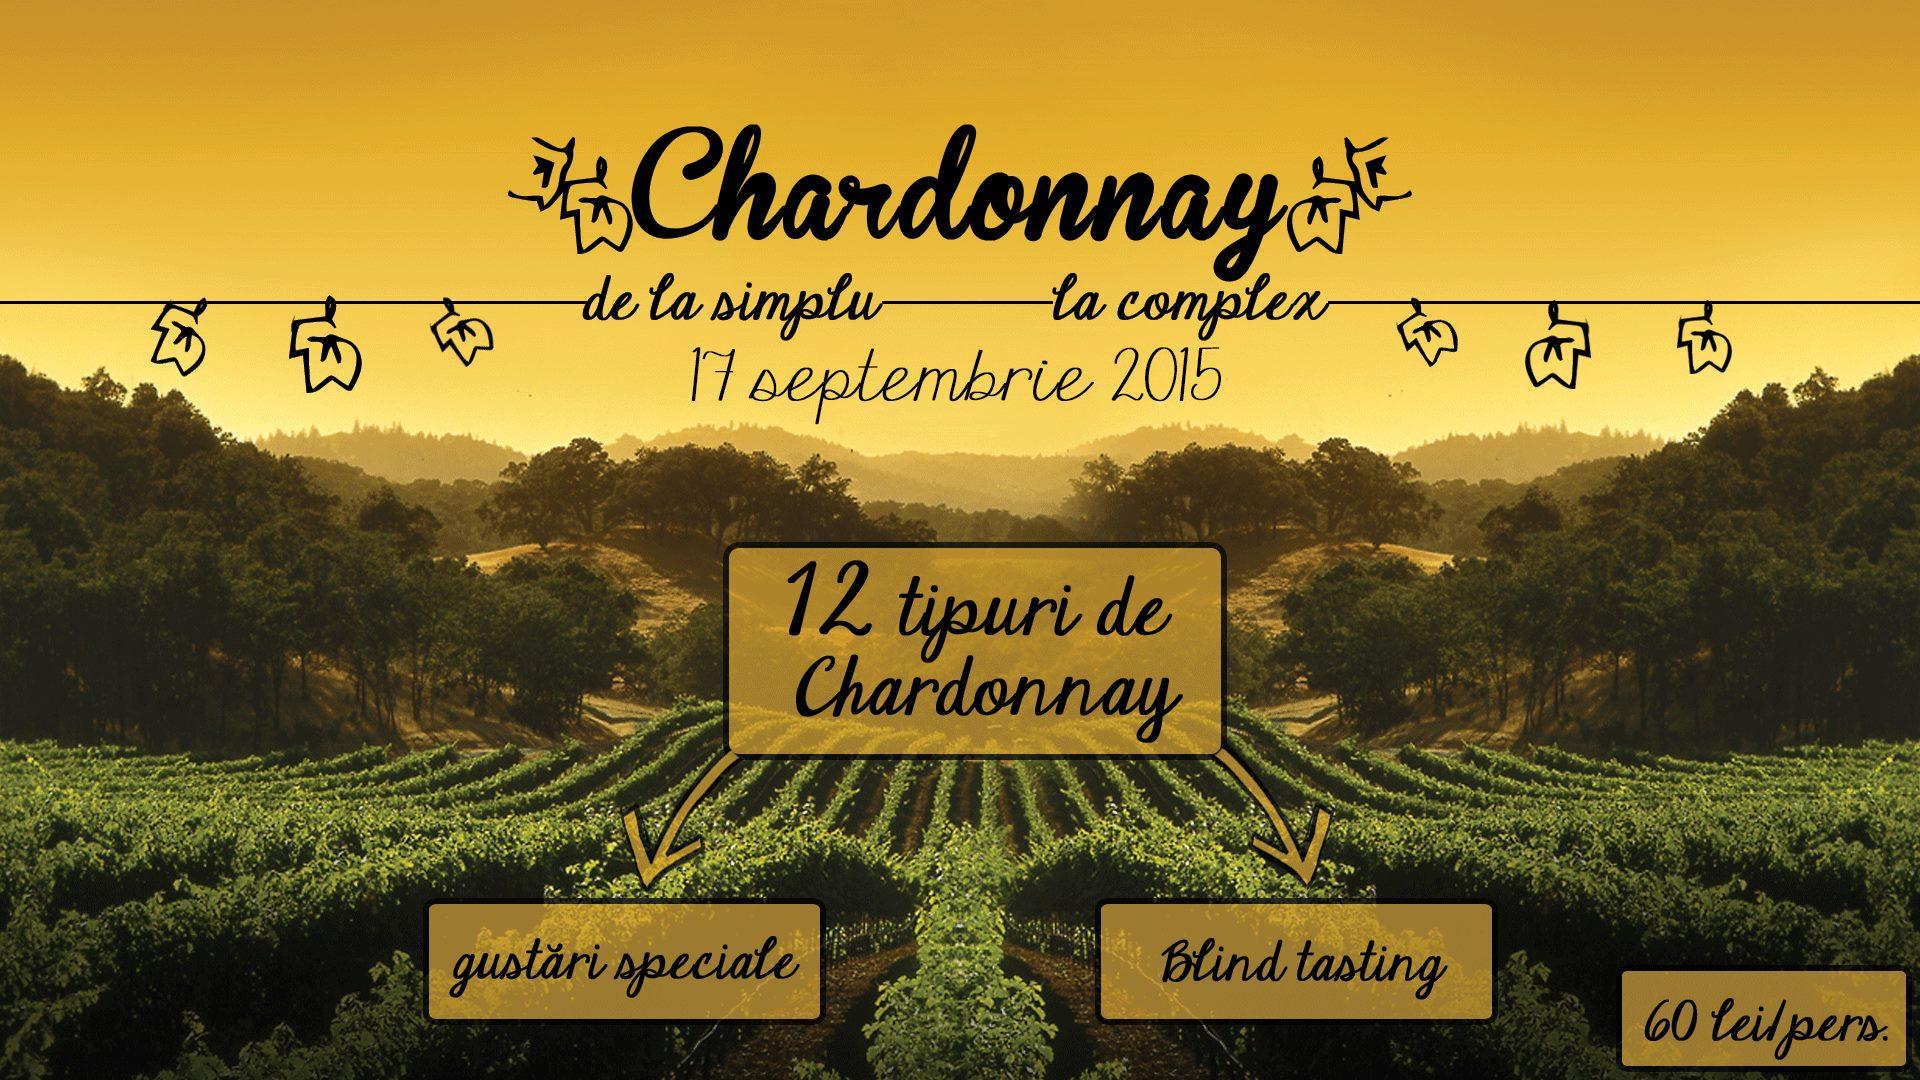 Chardonnay - de la simplu, la complex - degustare eveniment